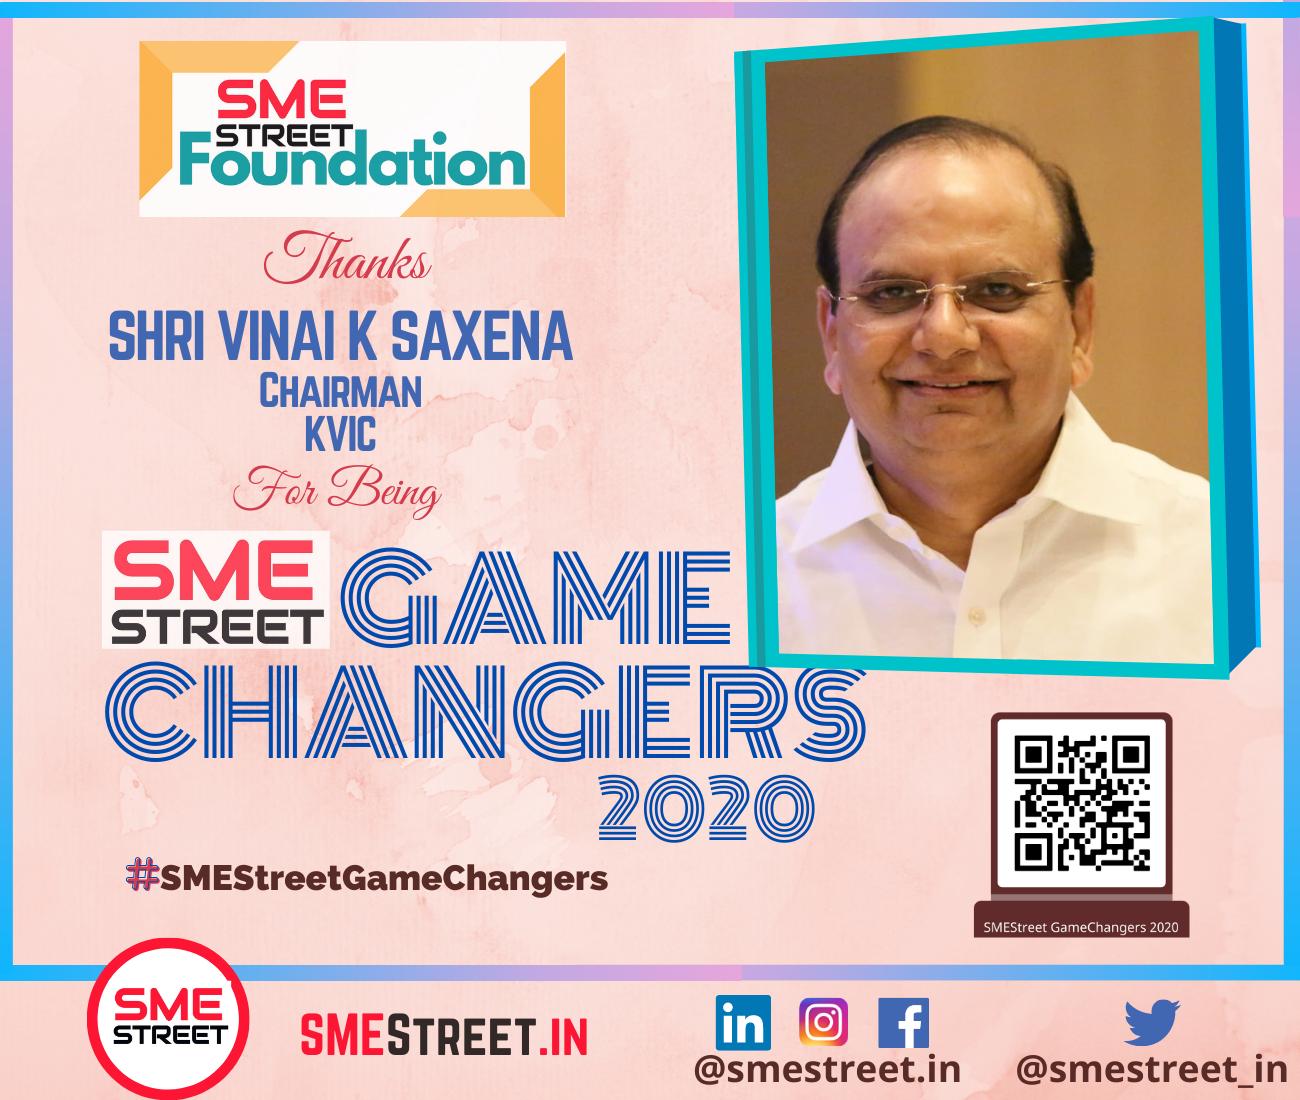 KVIC's Chairman VK Saxena Named As SMEStreet GameChanger